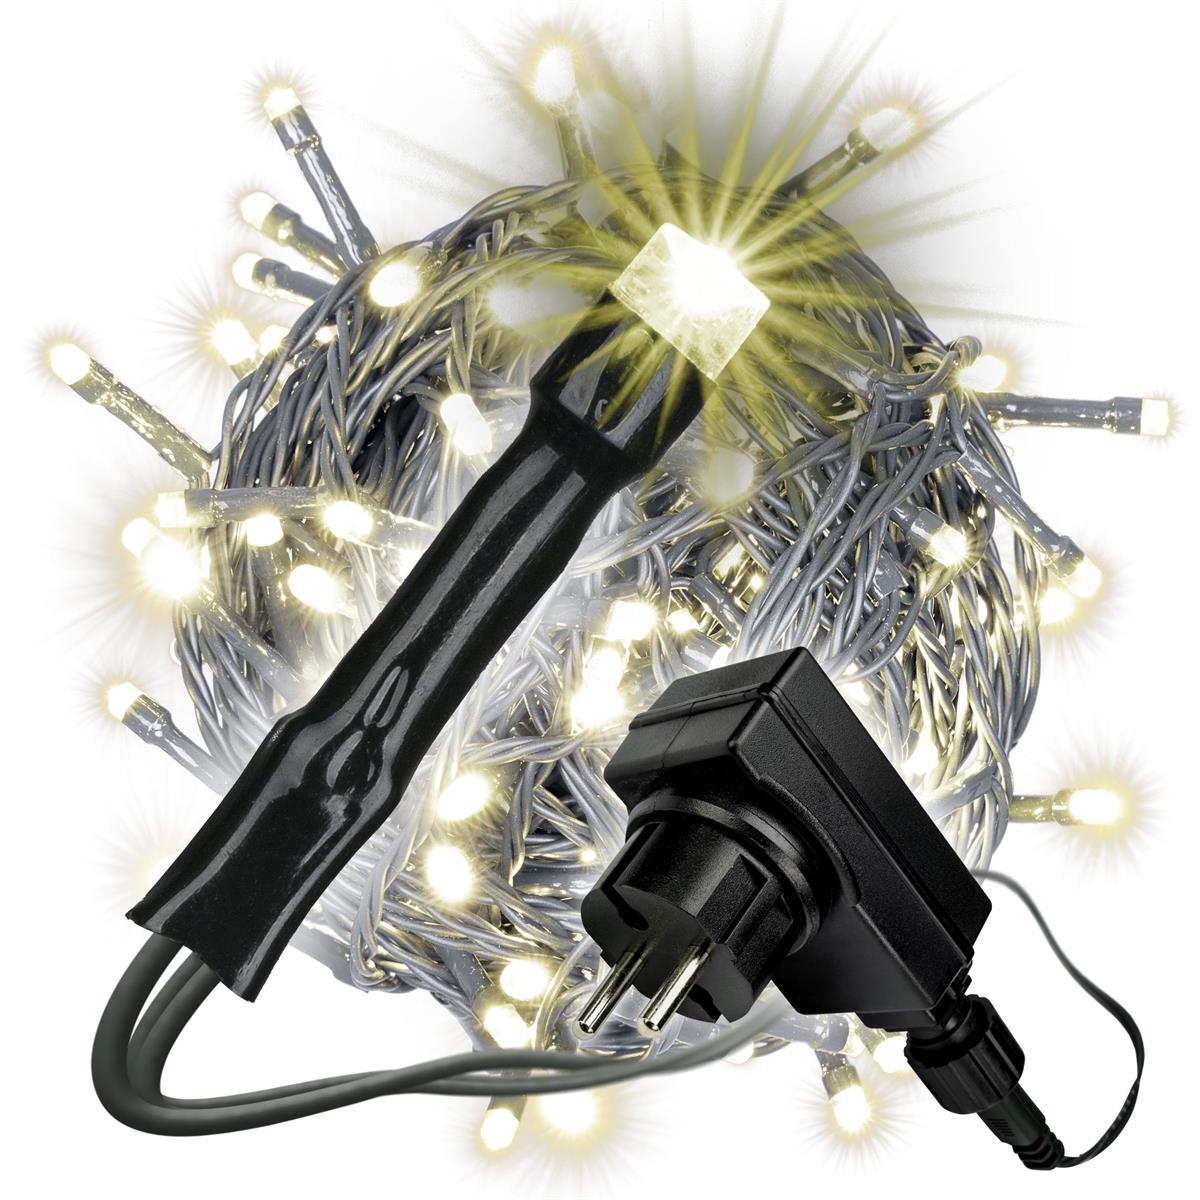 200 LED Lichterkette warm-weiß mit Trafo Timer 6 Funktionen grünes Kabel Xmas